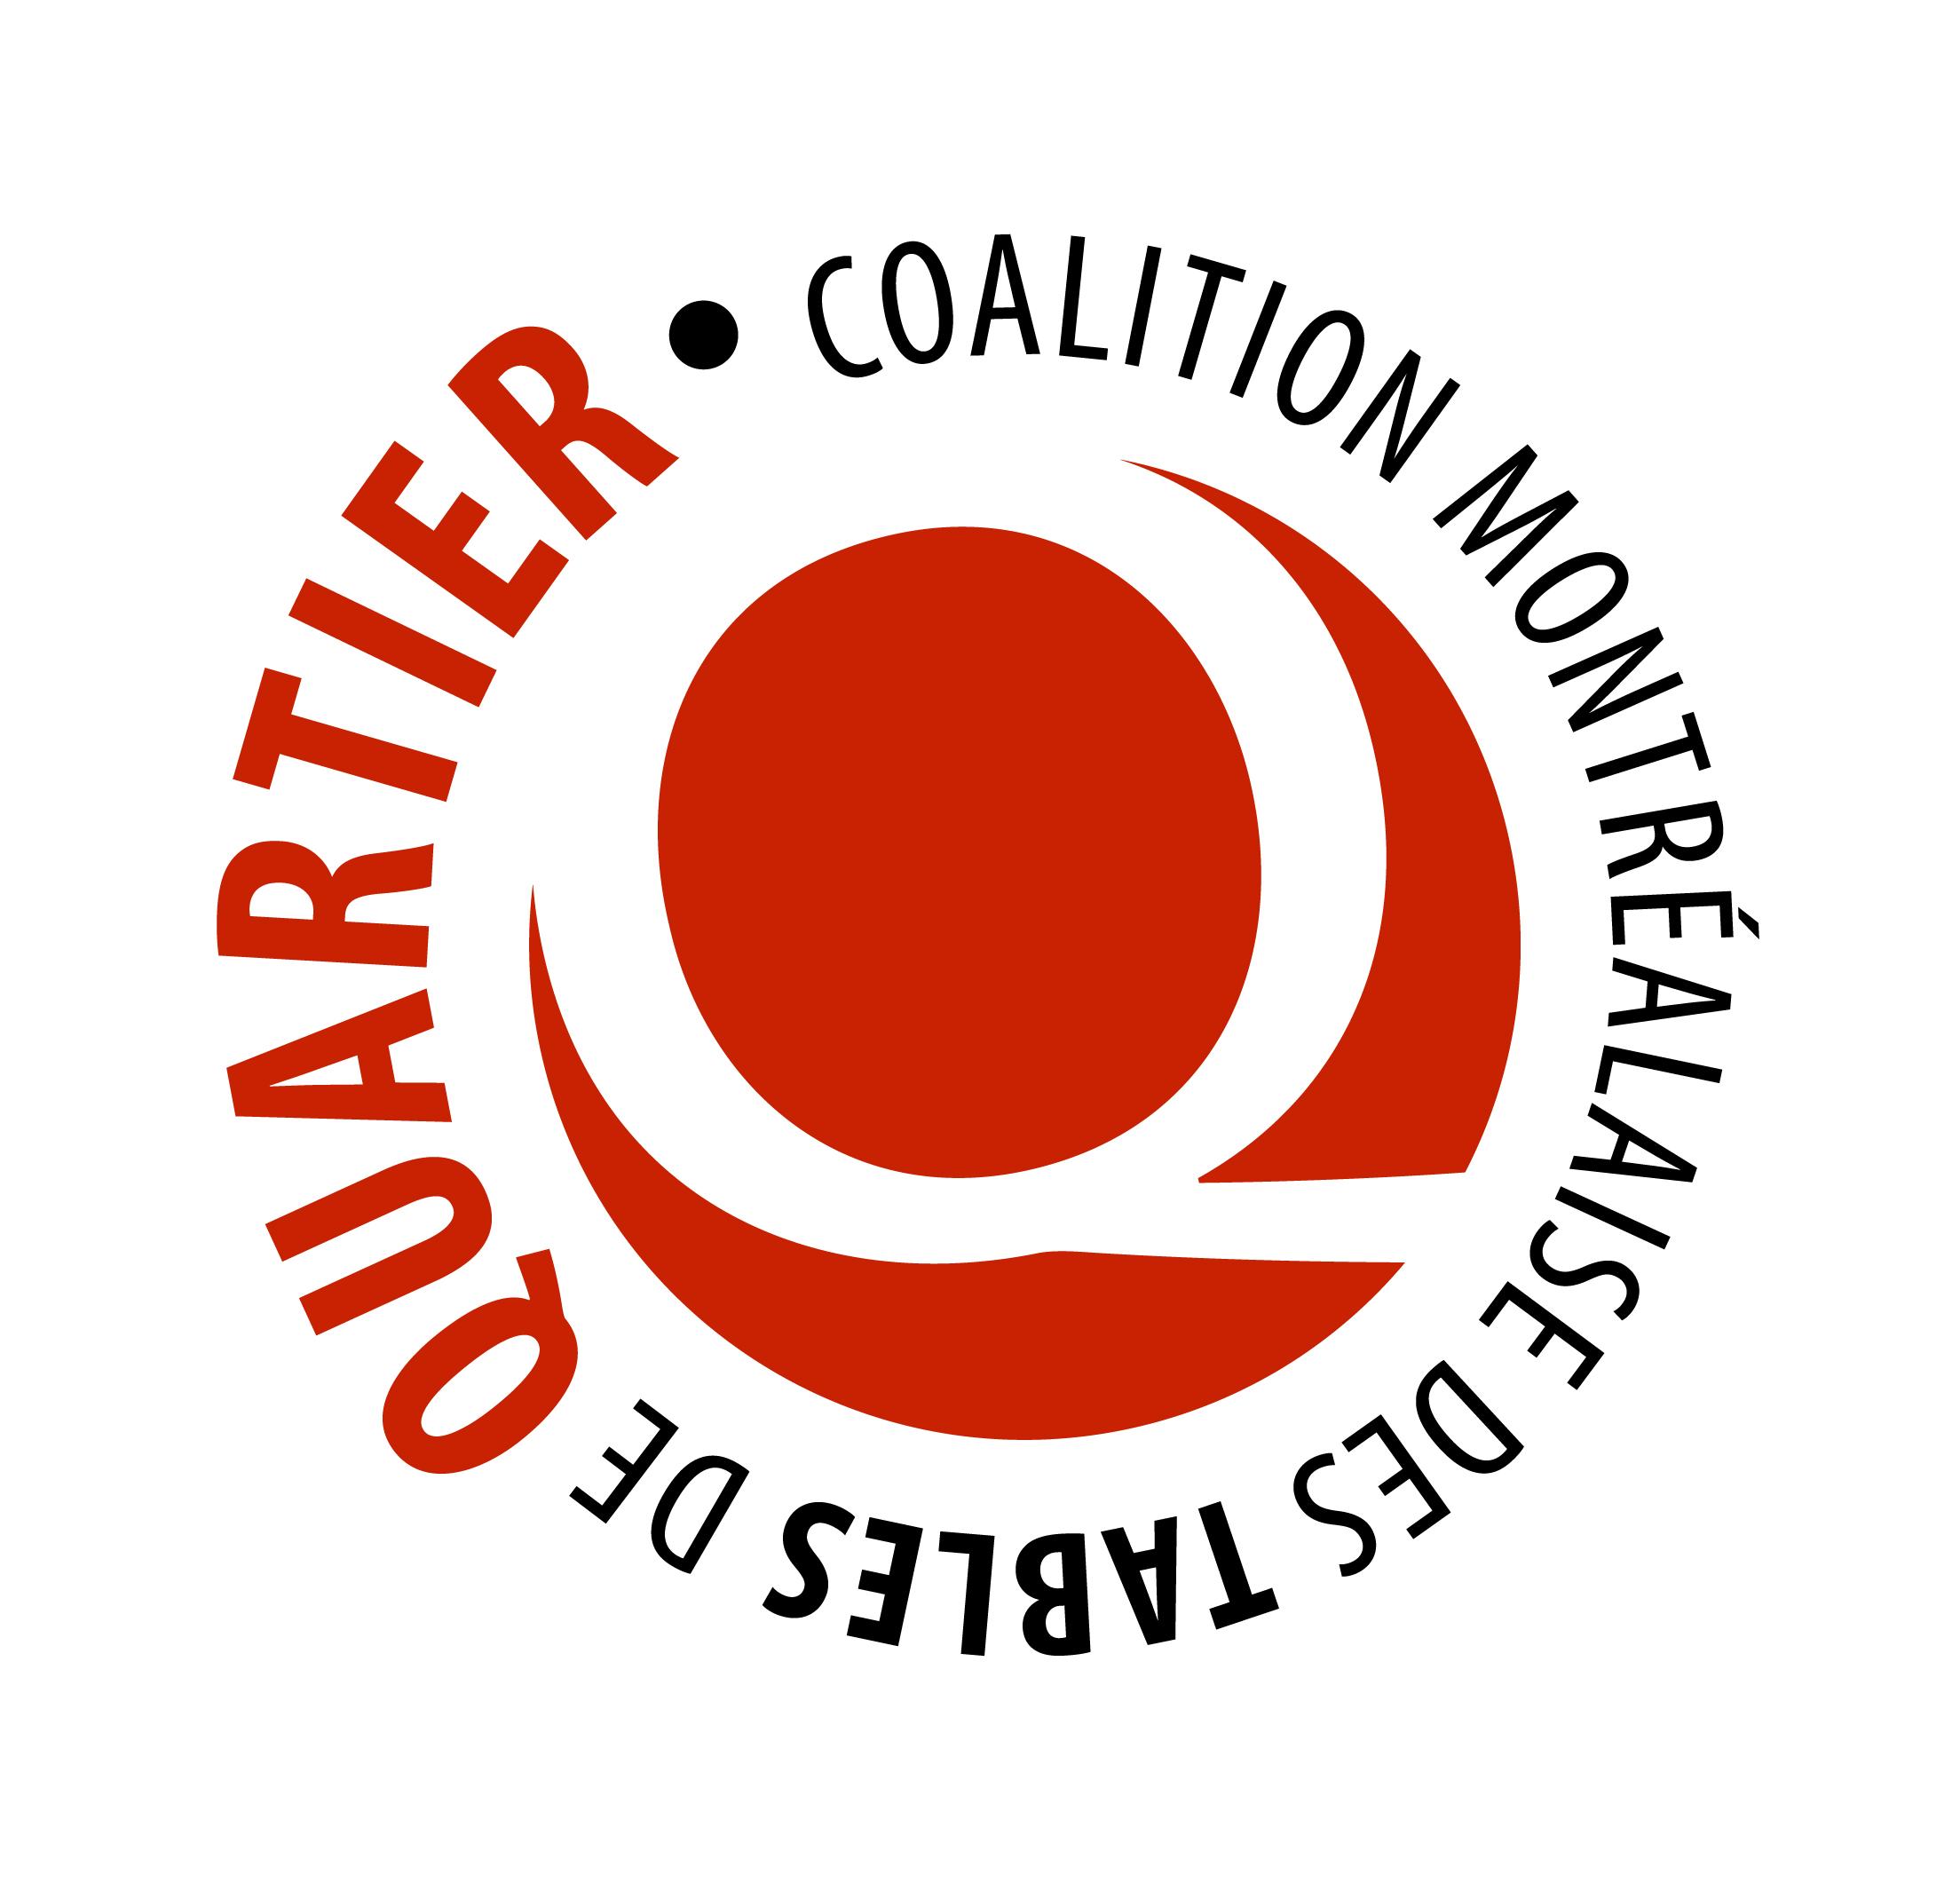 Coalition montréalaise des Tables de quartier